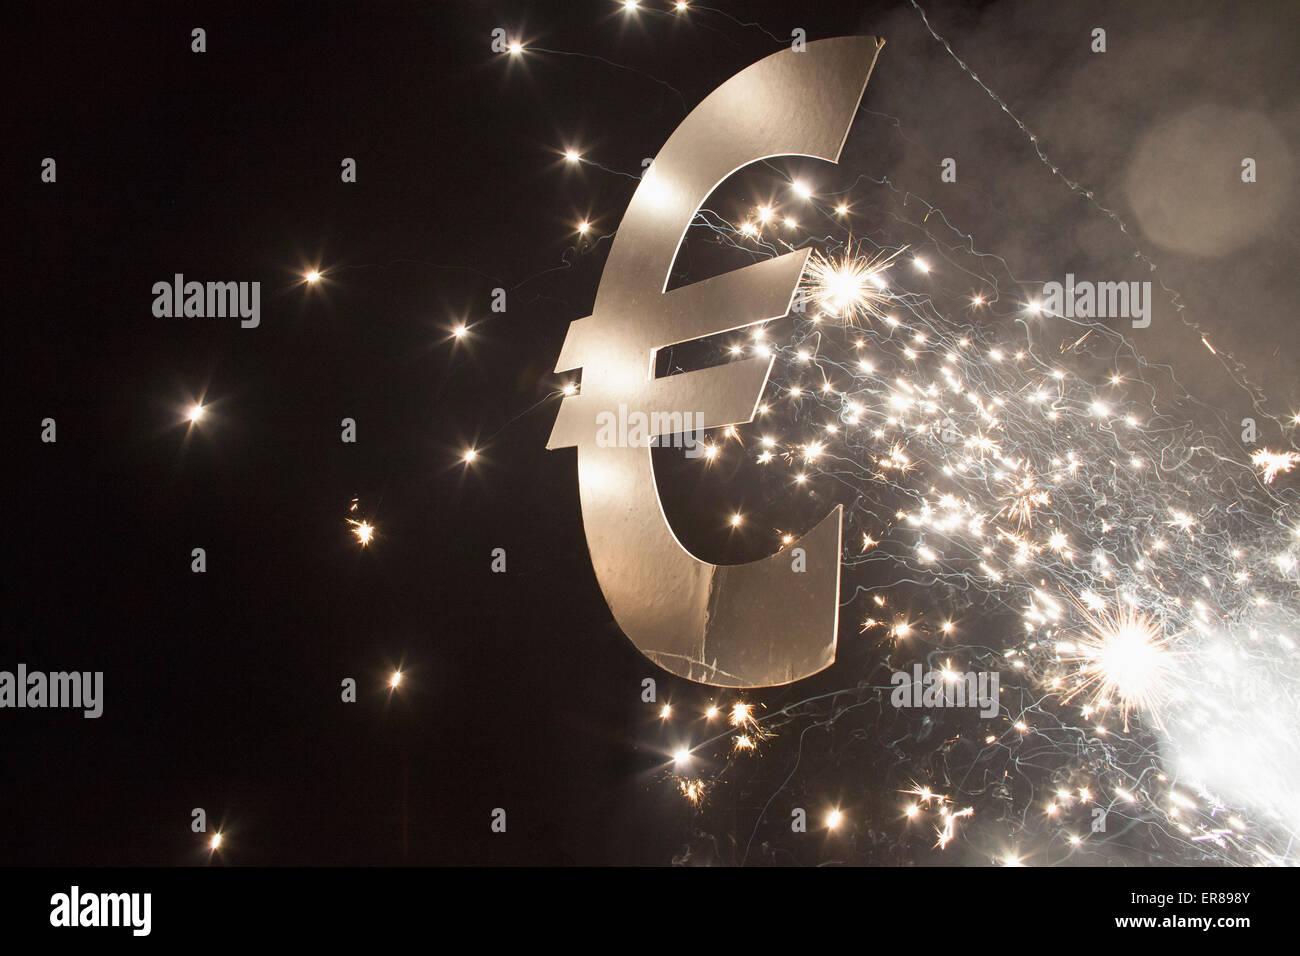 Beleuchtete Eurozeichen mit Feuerwerk in der Nacht Stockbild